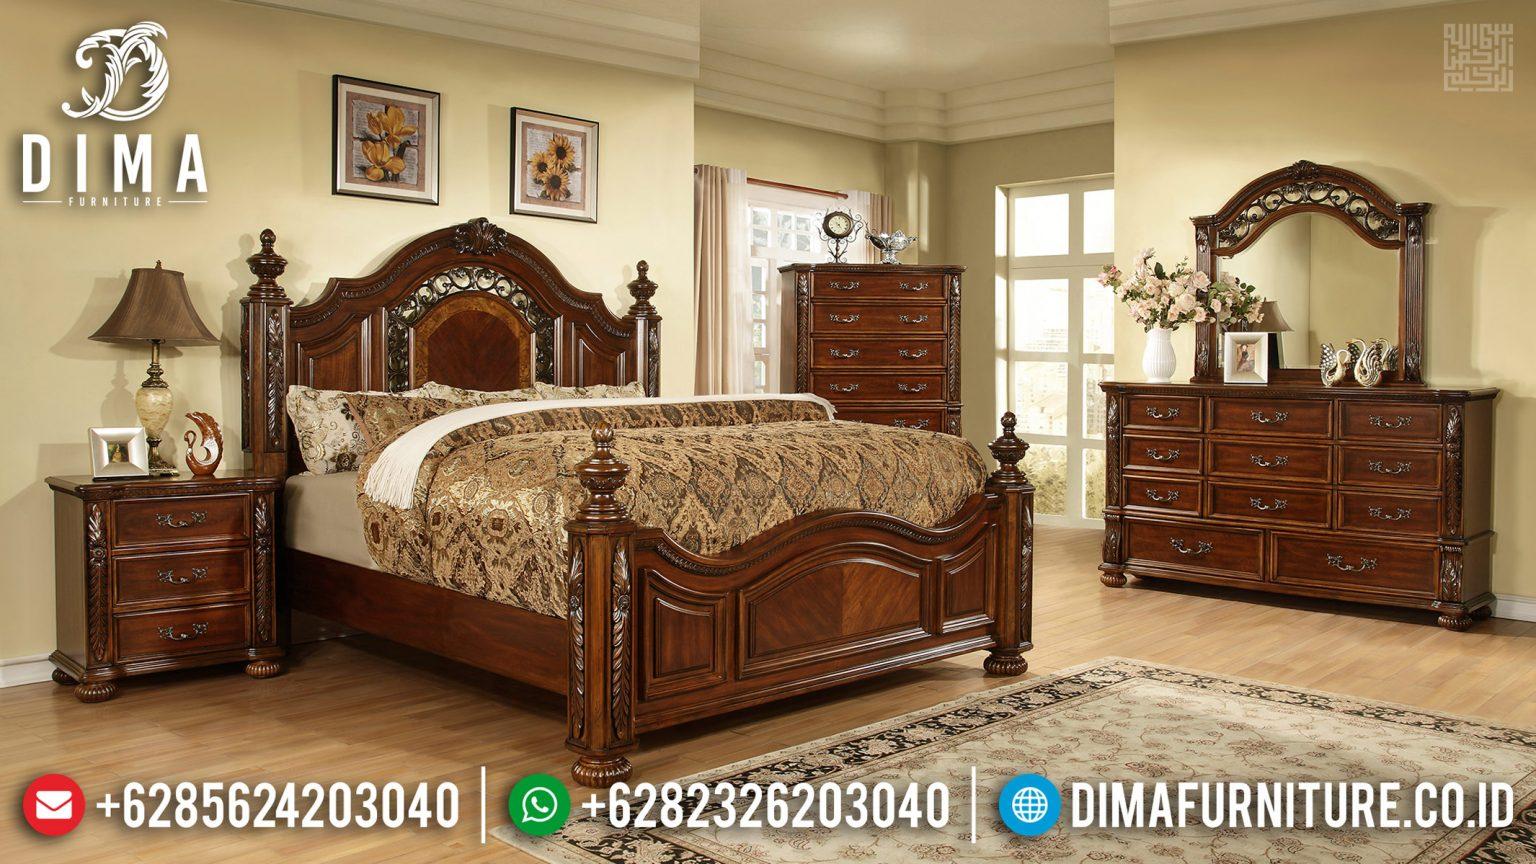 Tempat Tidur Mewah Ukiran Jepara, Kamar Set Mewah, Tempat Tidur Jati Ukir TTJ-0324